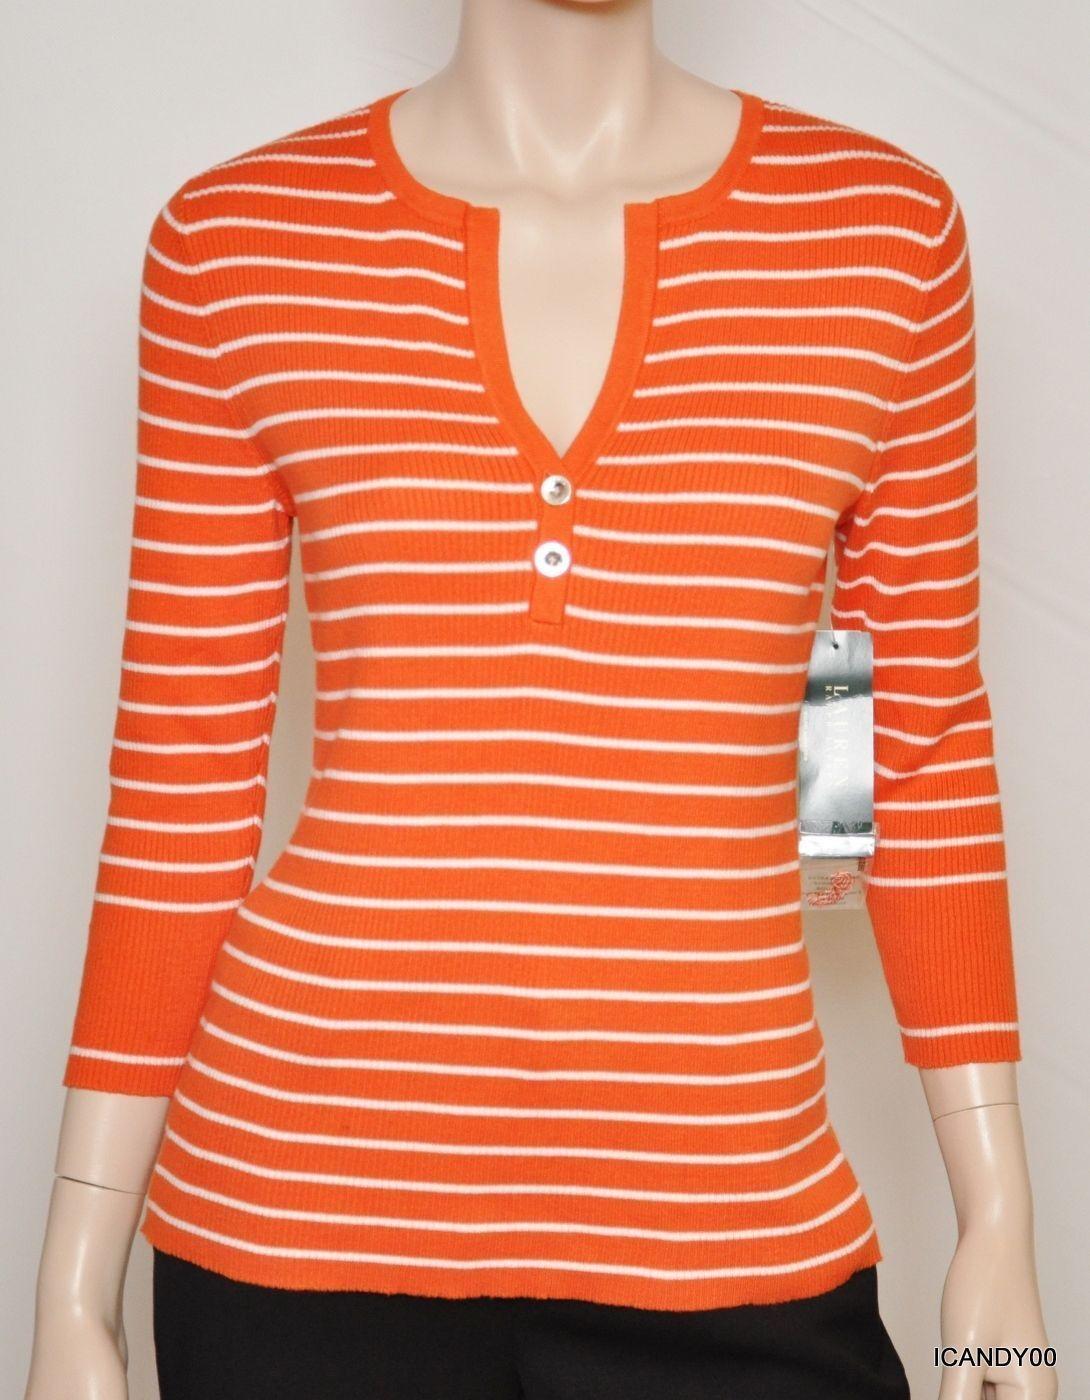 Nwt  89 Lauren by Ralph Lauren KERWYN Striped Cotton Henley Sweater Top orange M